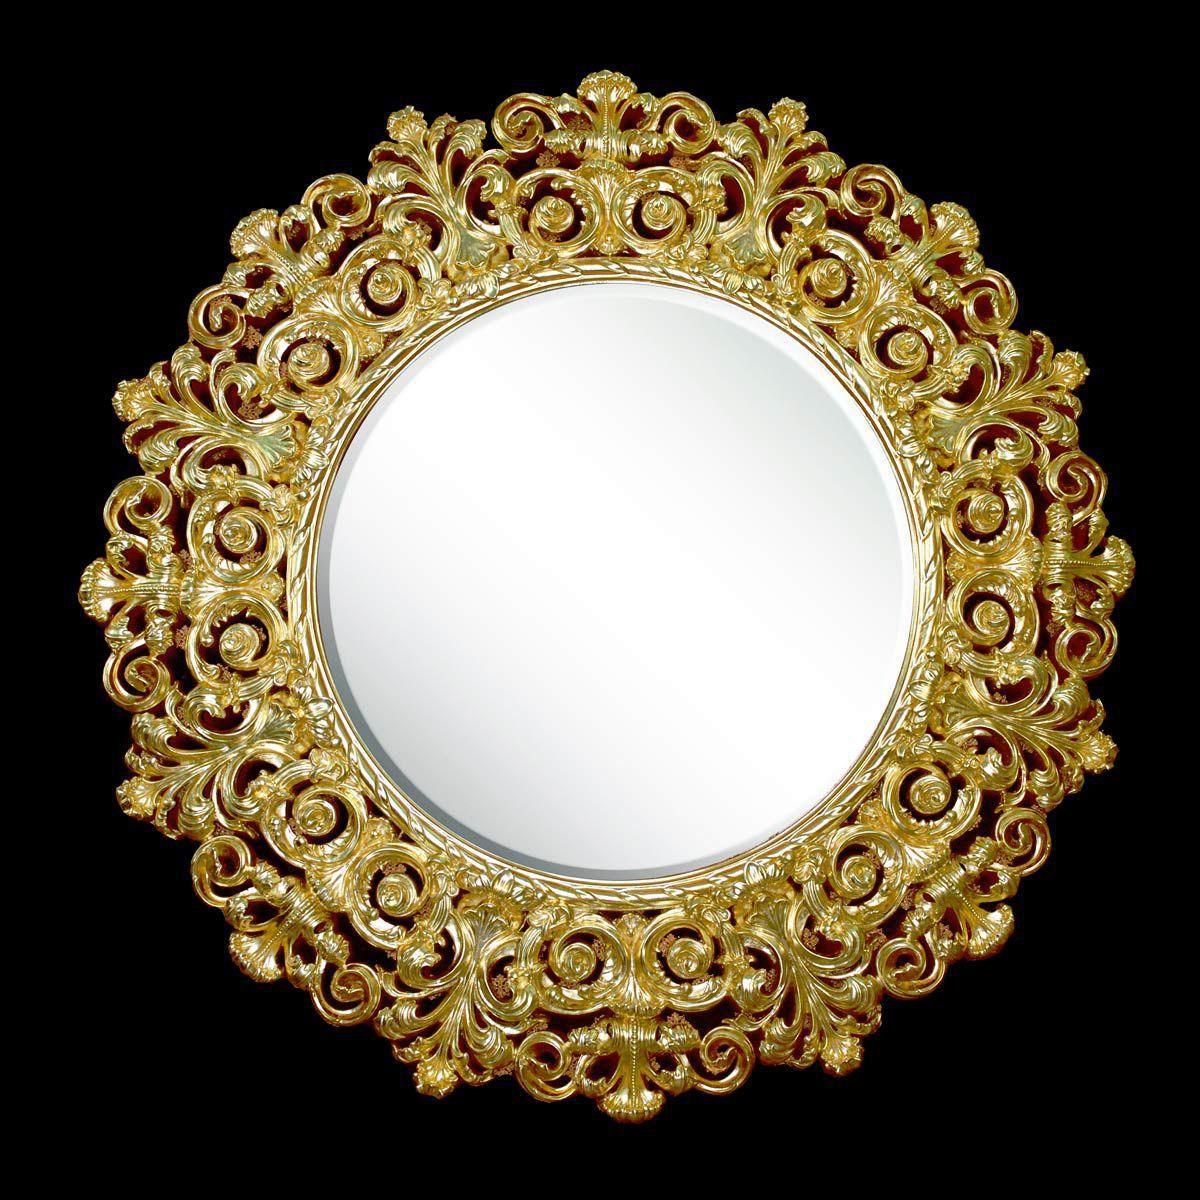 мастеркласс гипс лепнина интерьер мозаика зеркало